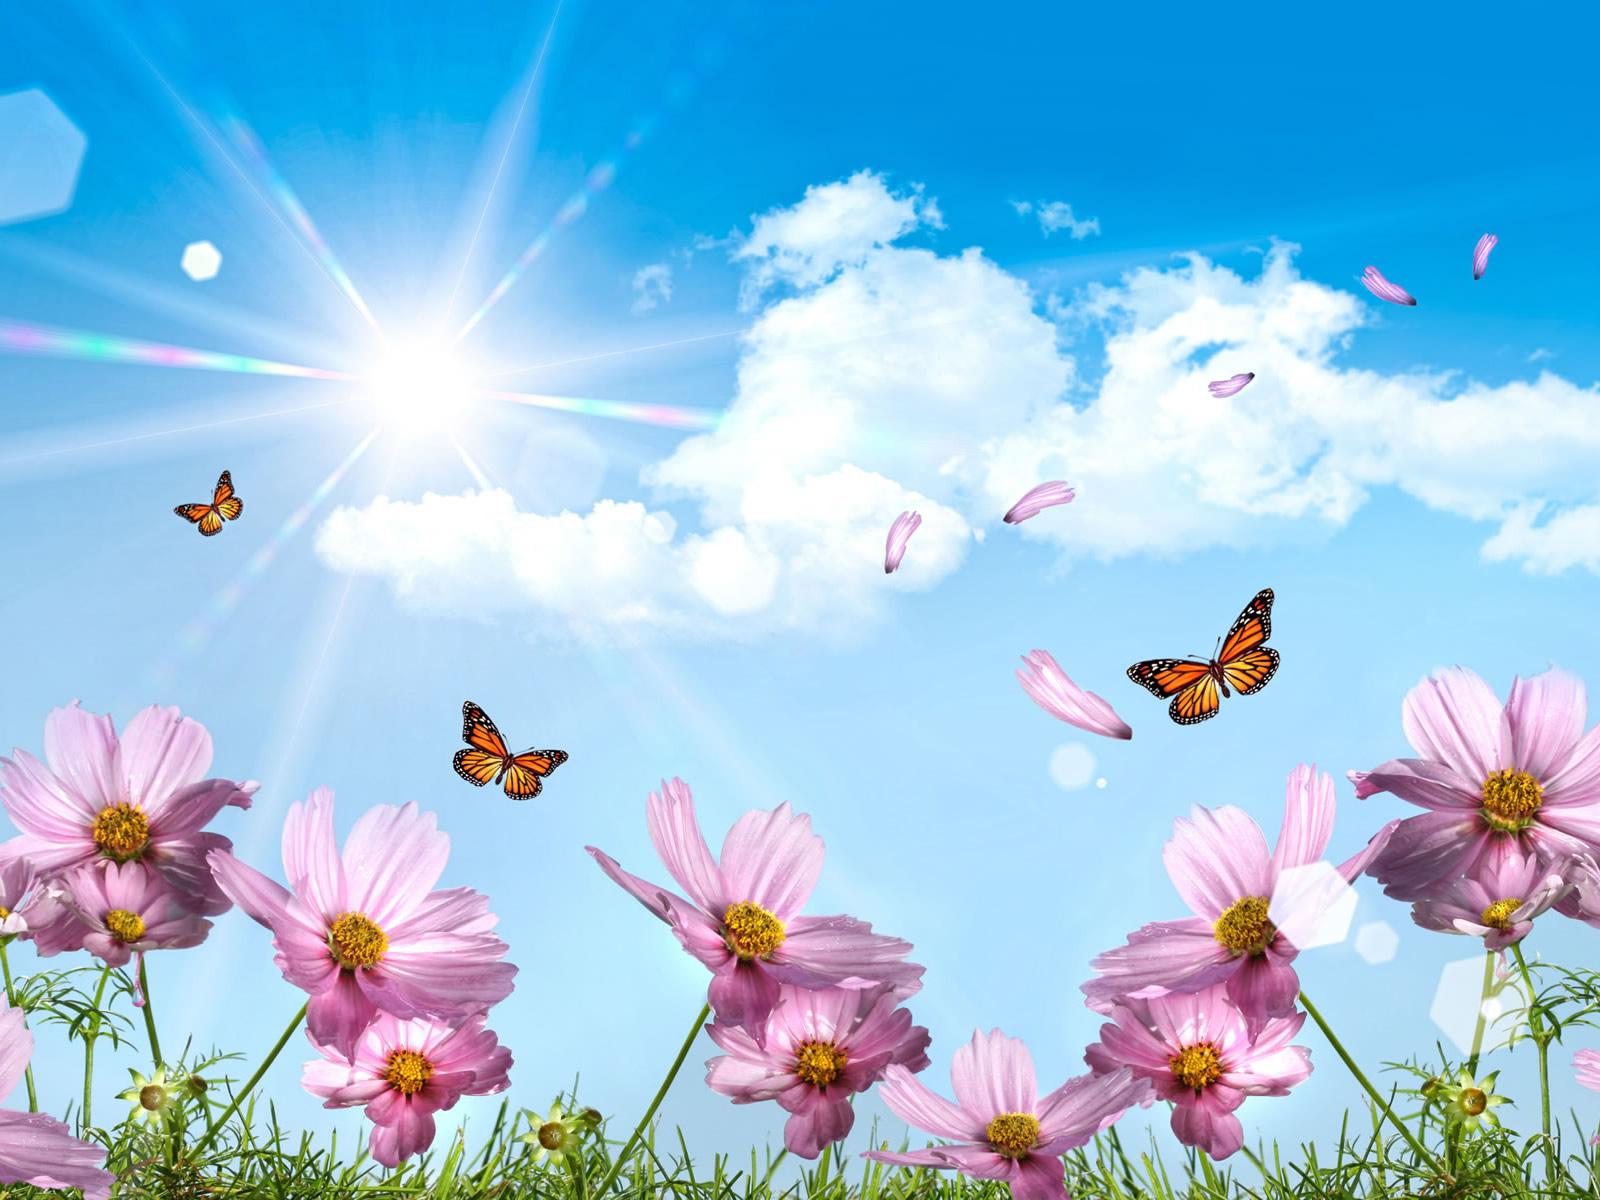 The Best Summer Desktop HD wallpapers   The Best Summer Desktop 1600x1200